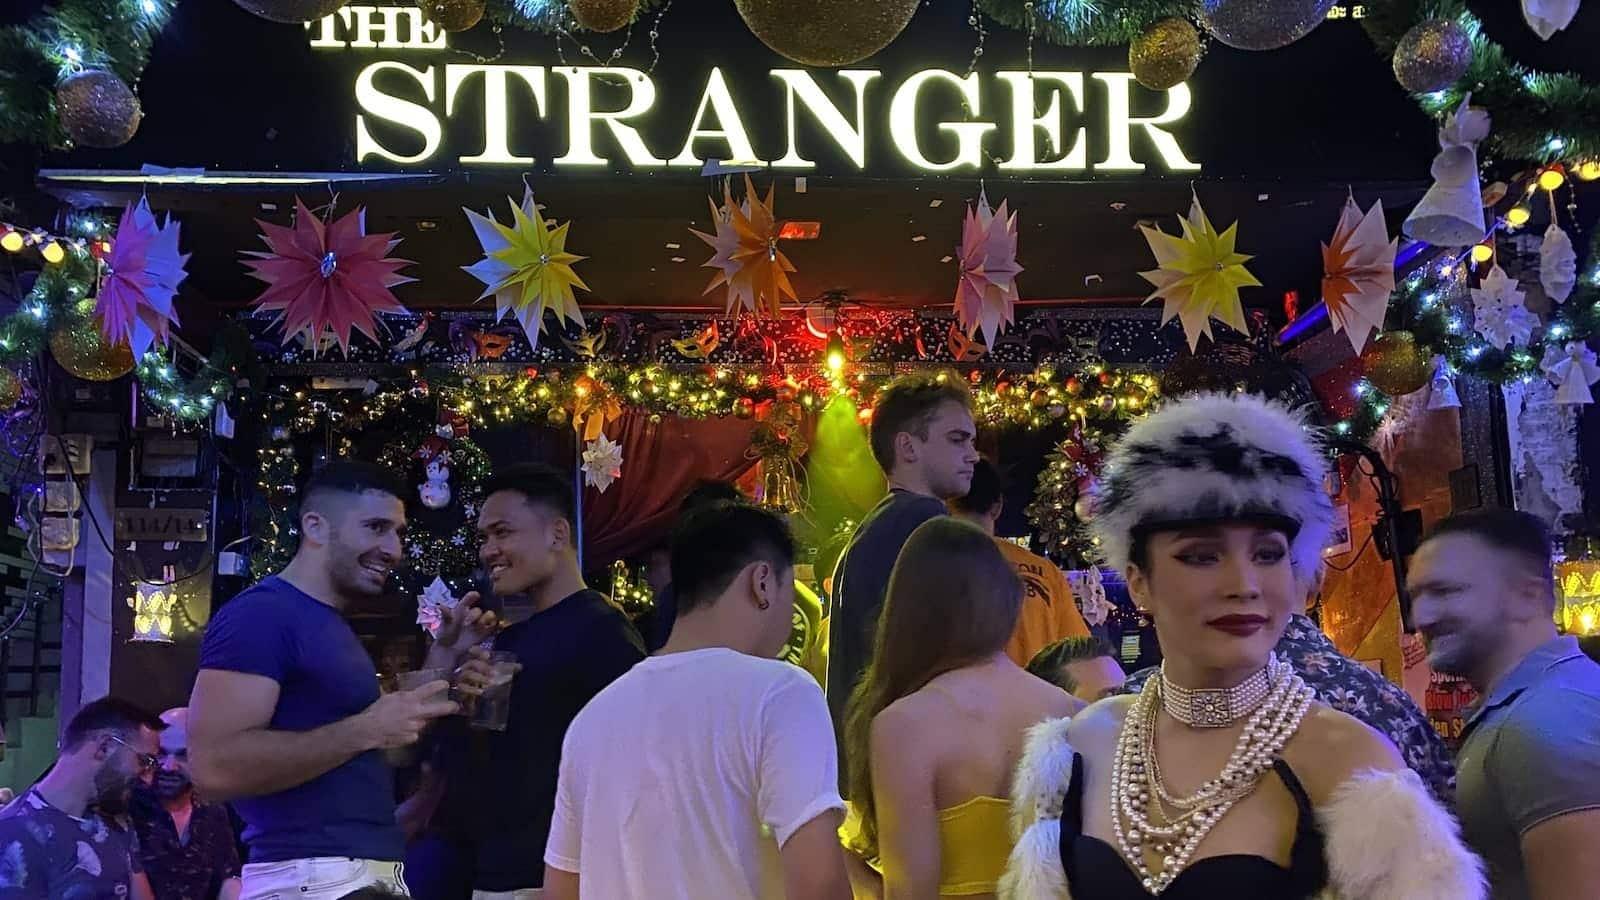 Stranger one of the best drag gay bars in Bangkok